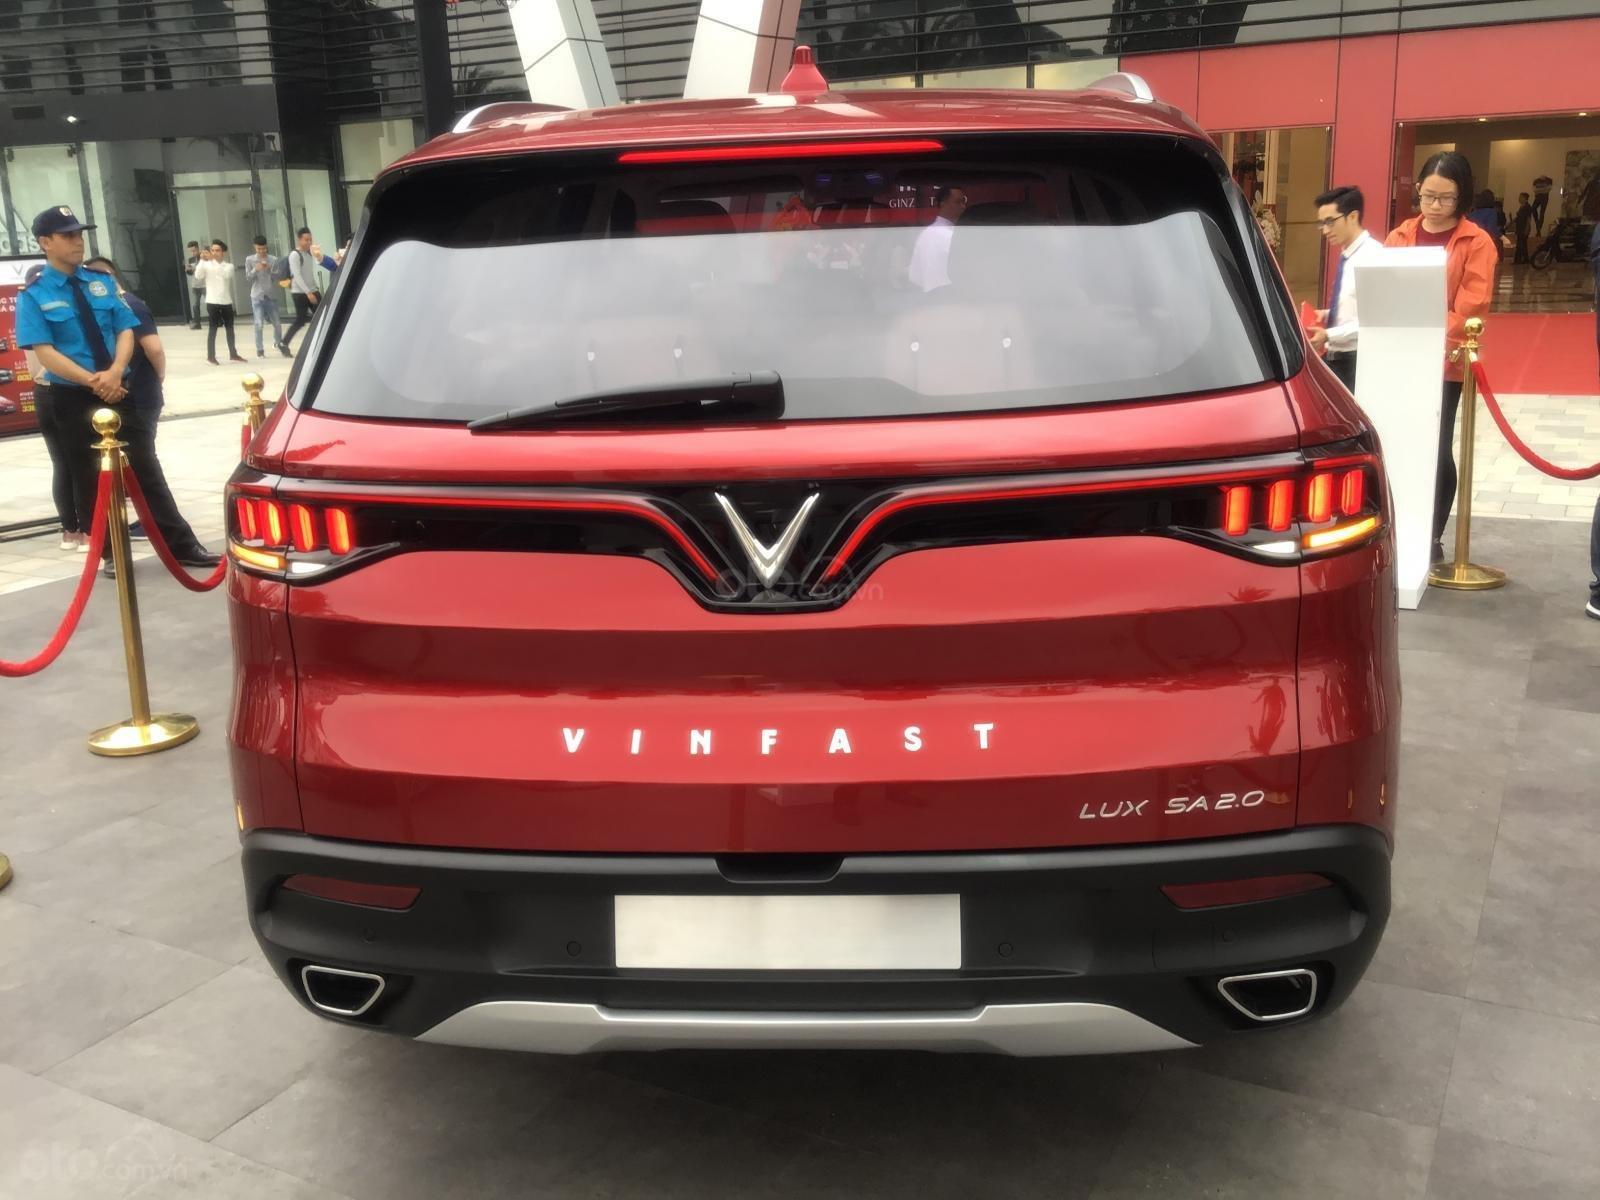 Đặt cọc mua xe Vinfast LUX SA2.0 tại Hải Phòng với giá tốt nhất và nhận xe sớm nhất (3)